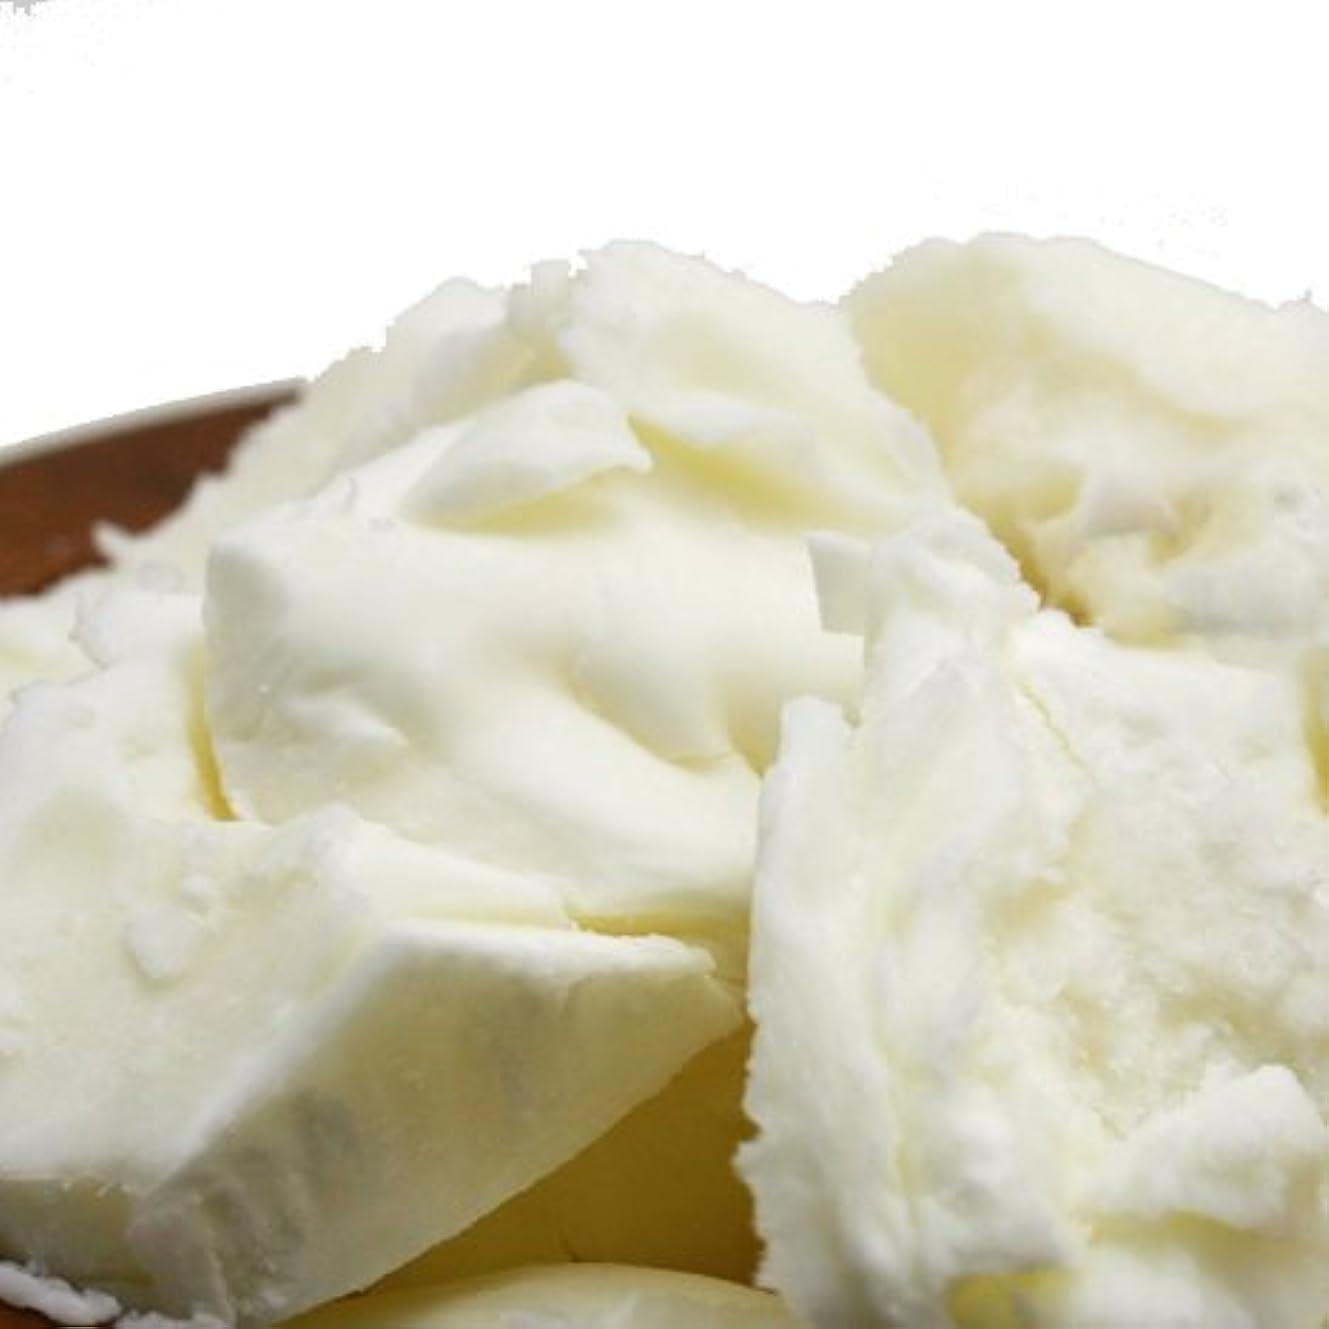 リングバックベルベット昼食精製シアバター 500g シア脂 【手作り石鹸/手作りコスメ/手作り化粧品】